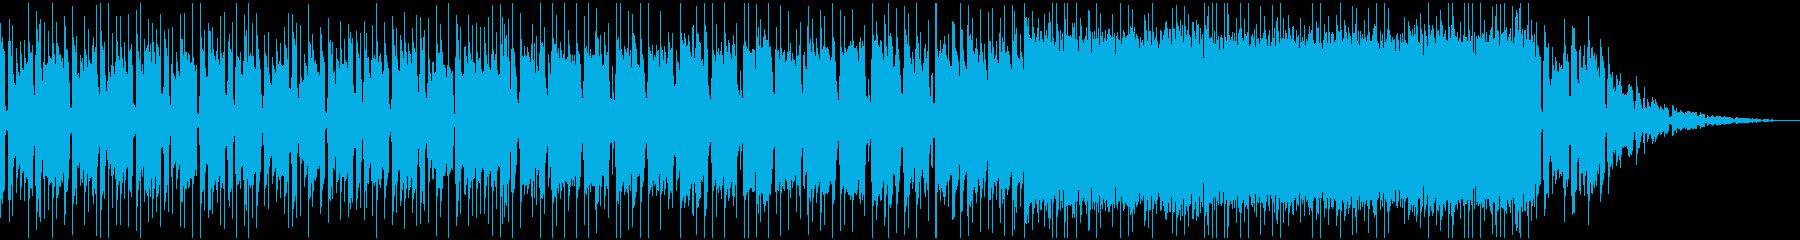 ちょっぴり切ないほのぼのインディロックの再生済みの波形